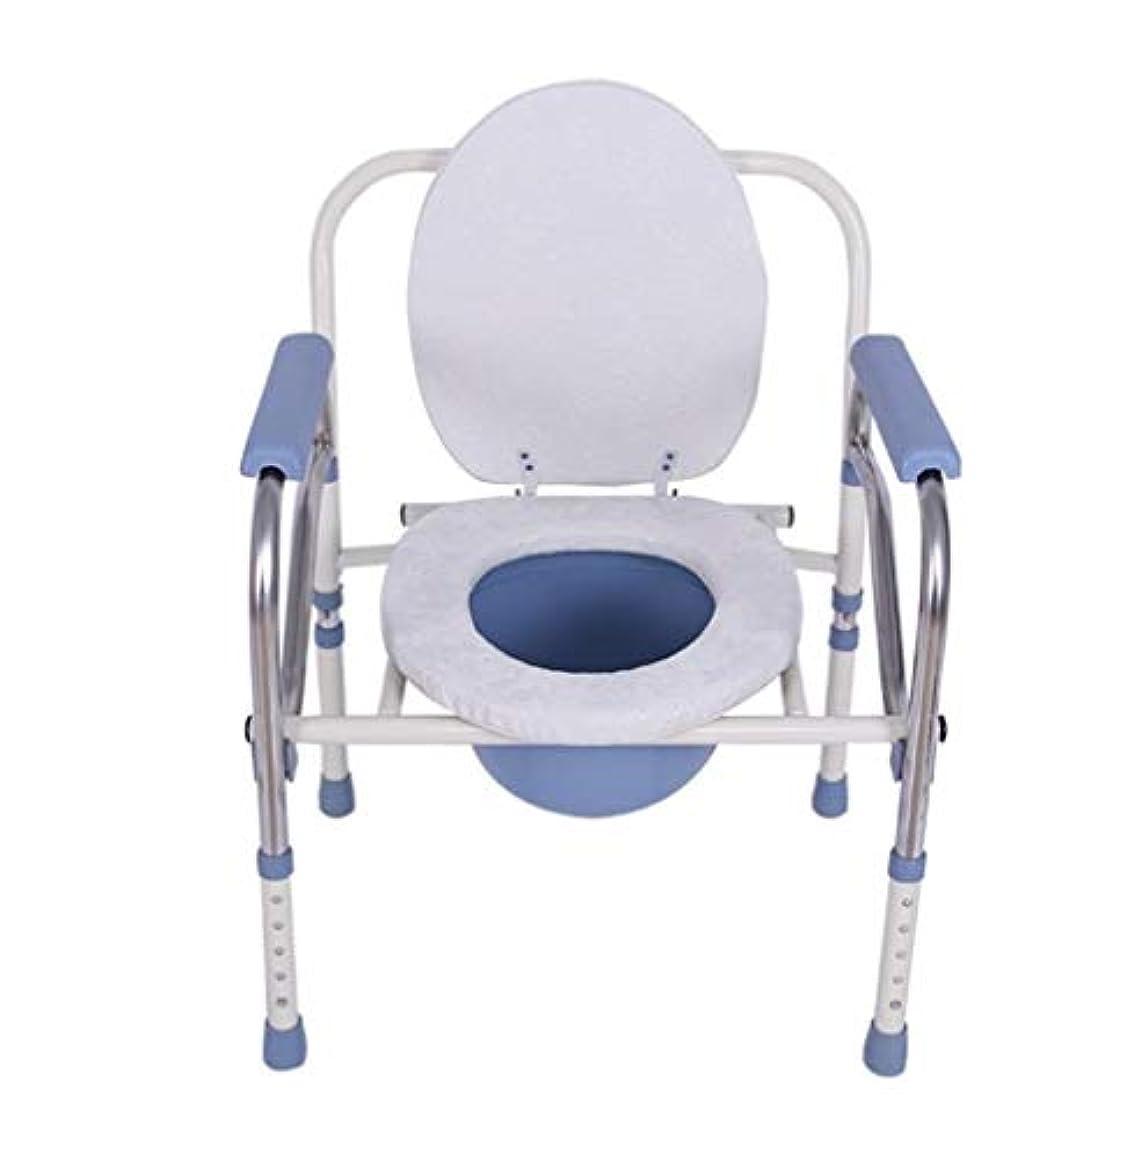 支払い将来の目に見える折りたたみ式ベッドサイドside椅子-ステンレススチール製トイレ付き便器バケツ付き高さ調節可能な妊婦用トイレスツール